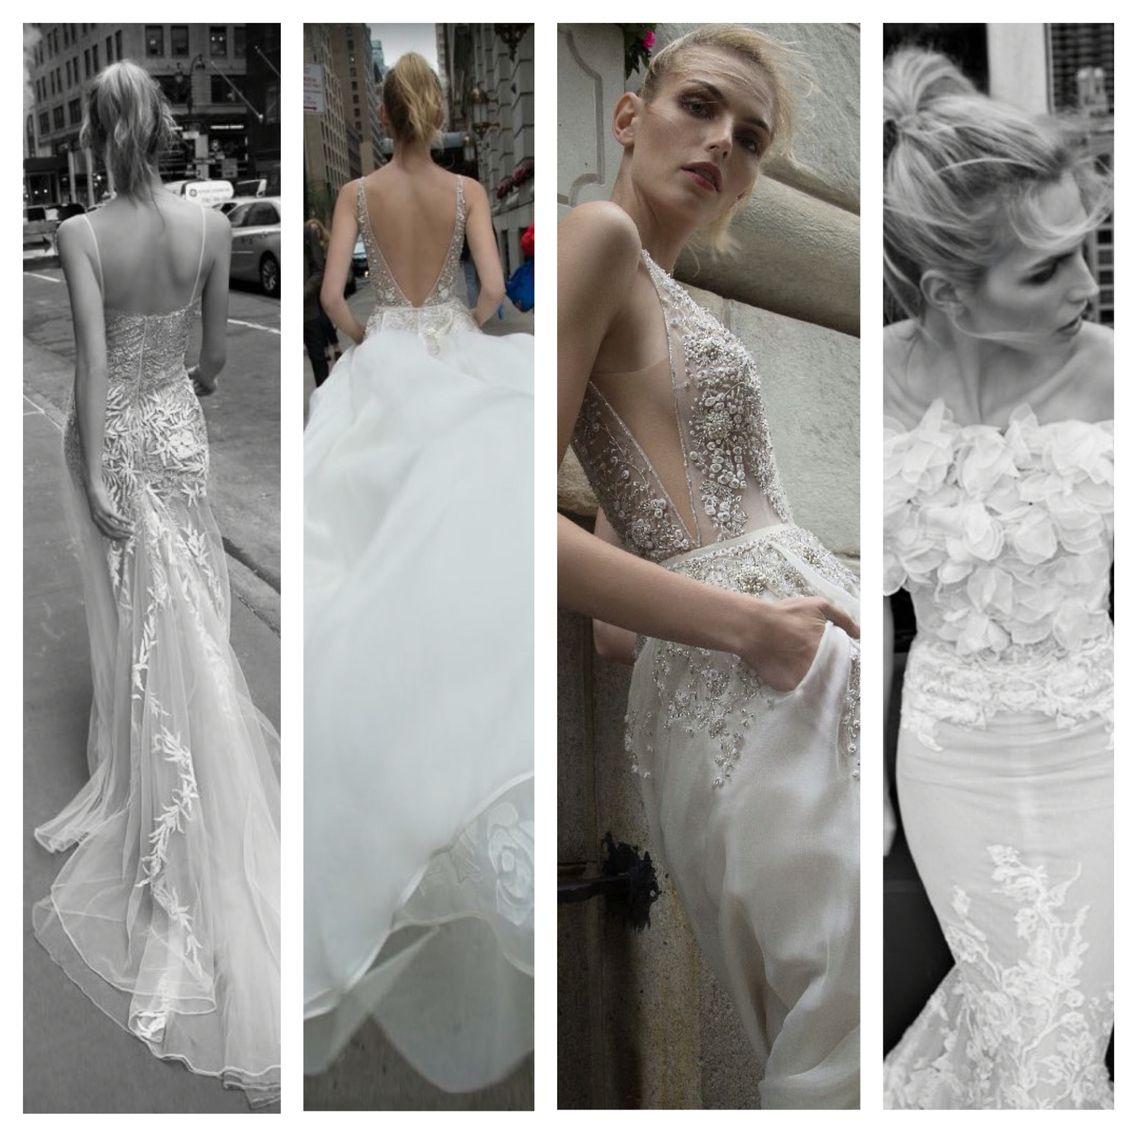 Tendencias Vestidos de Novia 2016 colección Inbal Dror #novias #bridal #weddingplanner #bodas #tendencias #trends #weddhunting